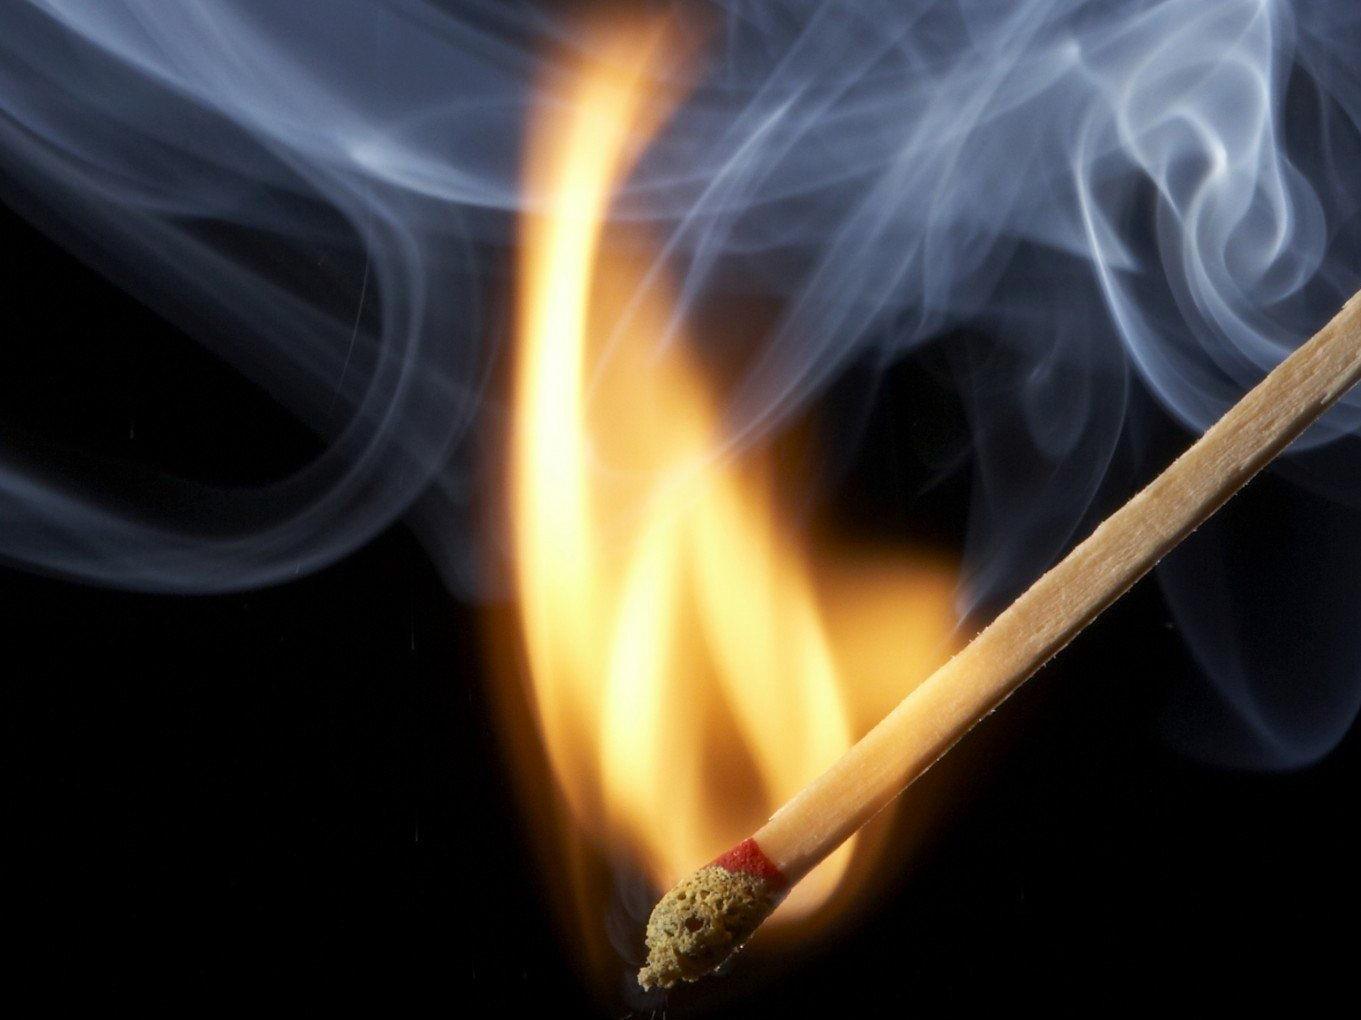 26-jährigem Deutschen konnte Brandstiftung in drei Fällen nachgewiesen werden.